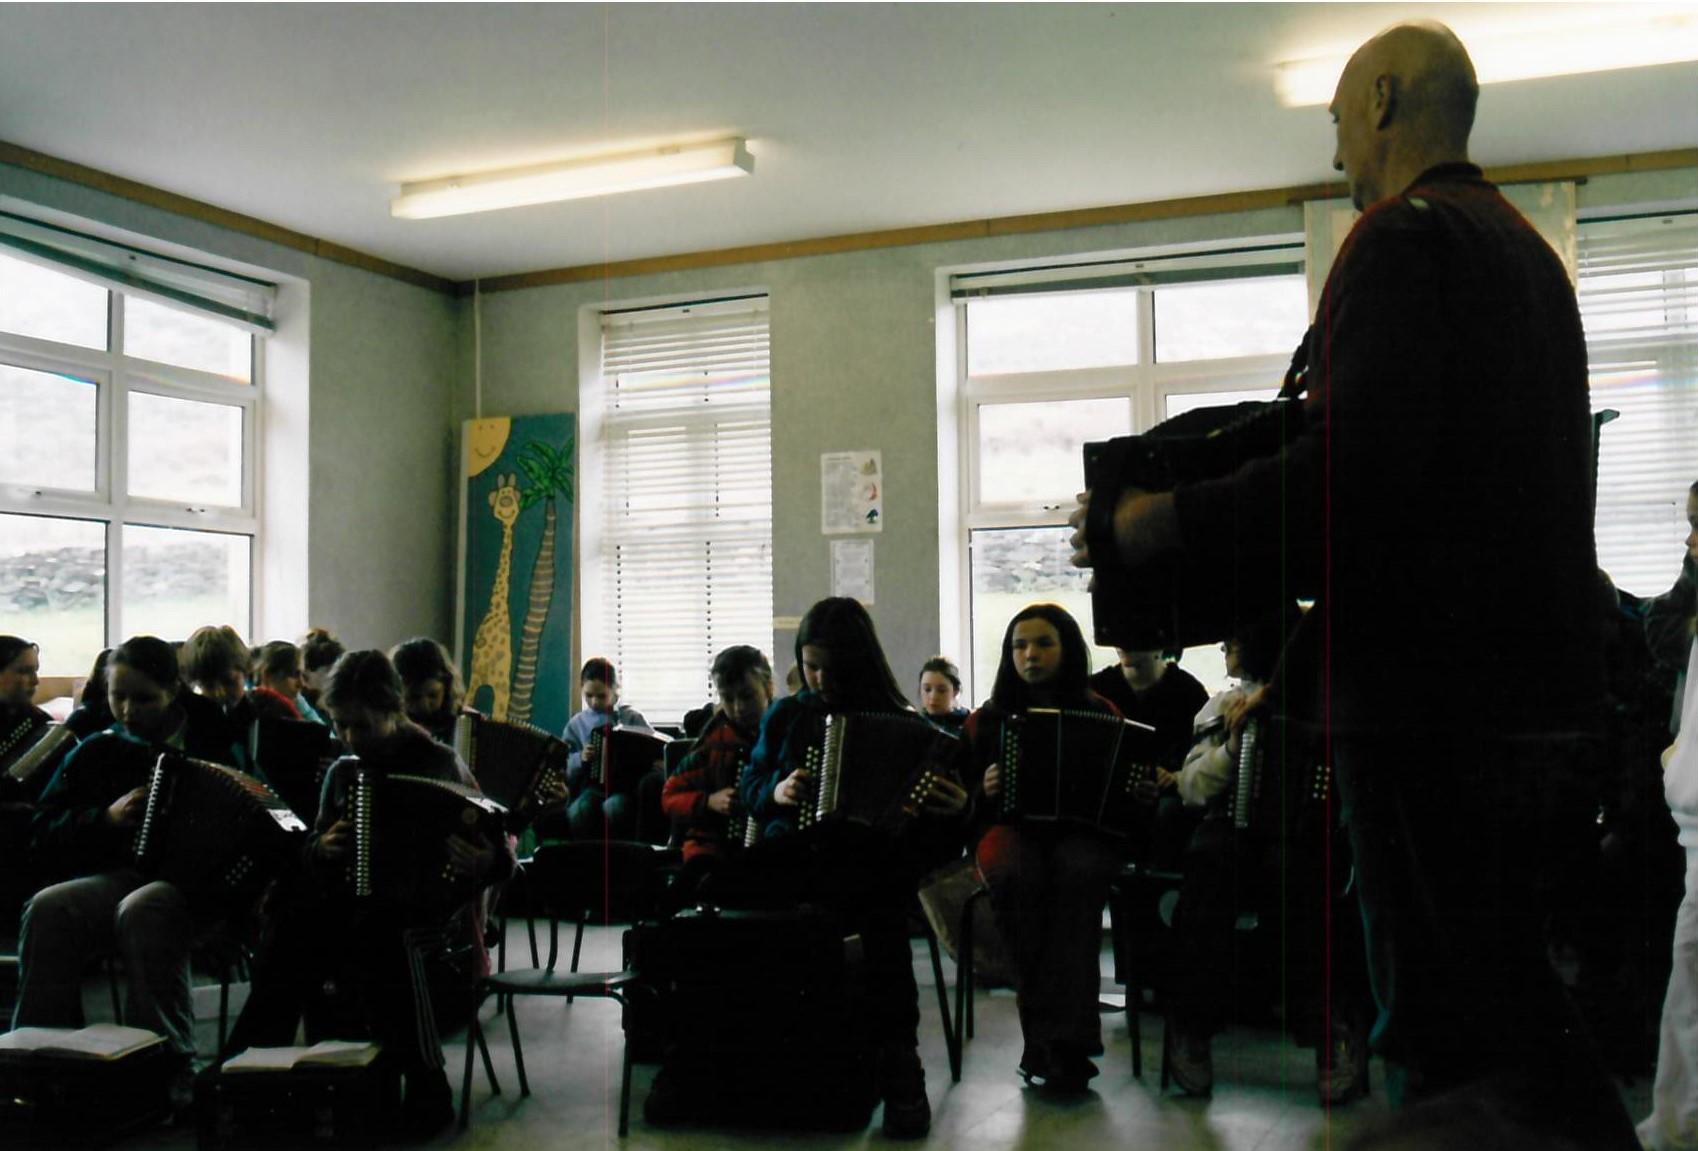 Rang Bhreanndáin faoi lán tseoil 2005